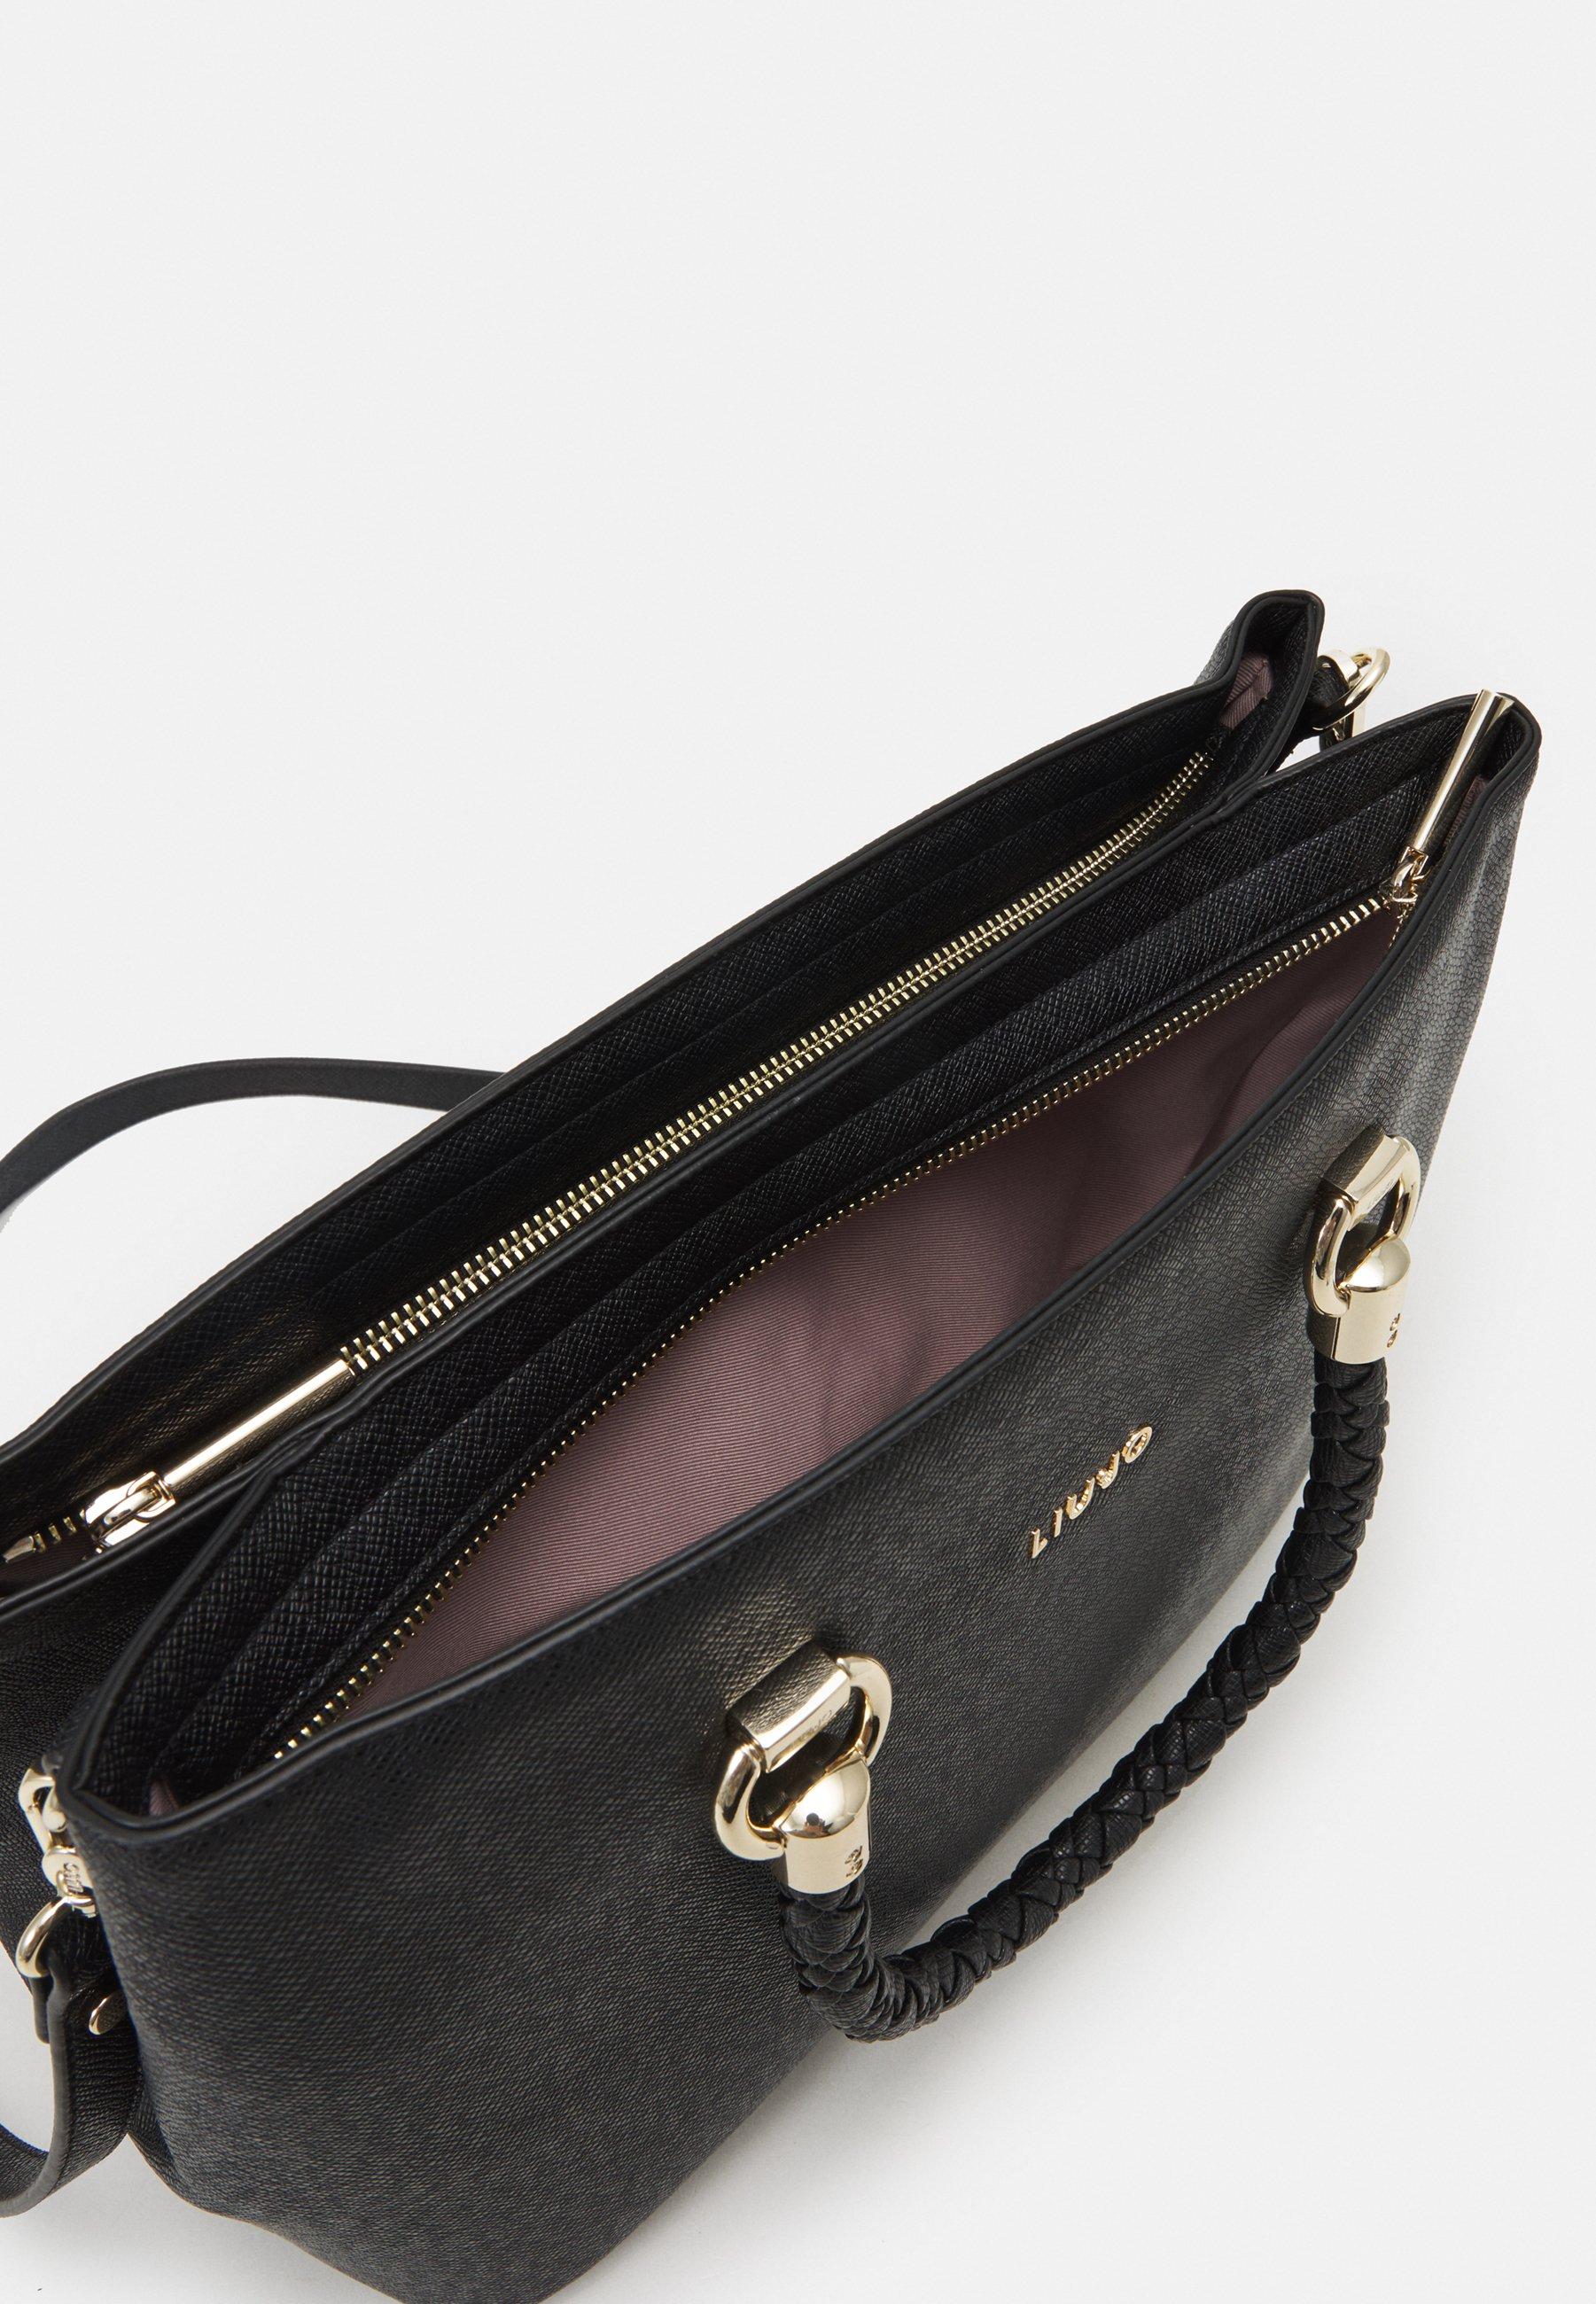 Damen L SATCHEL DOUBLE ZIP - Handtasche